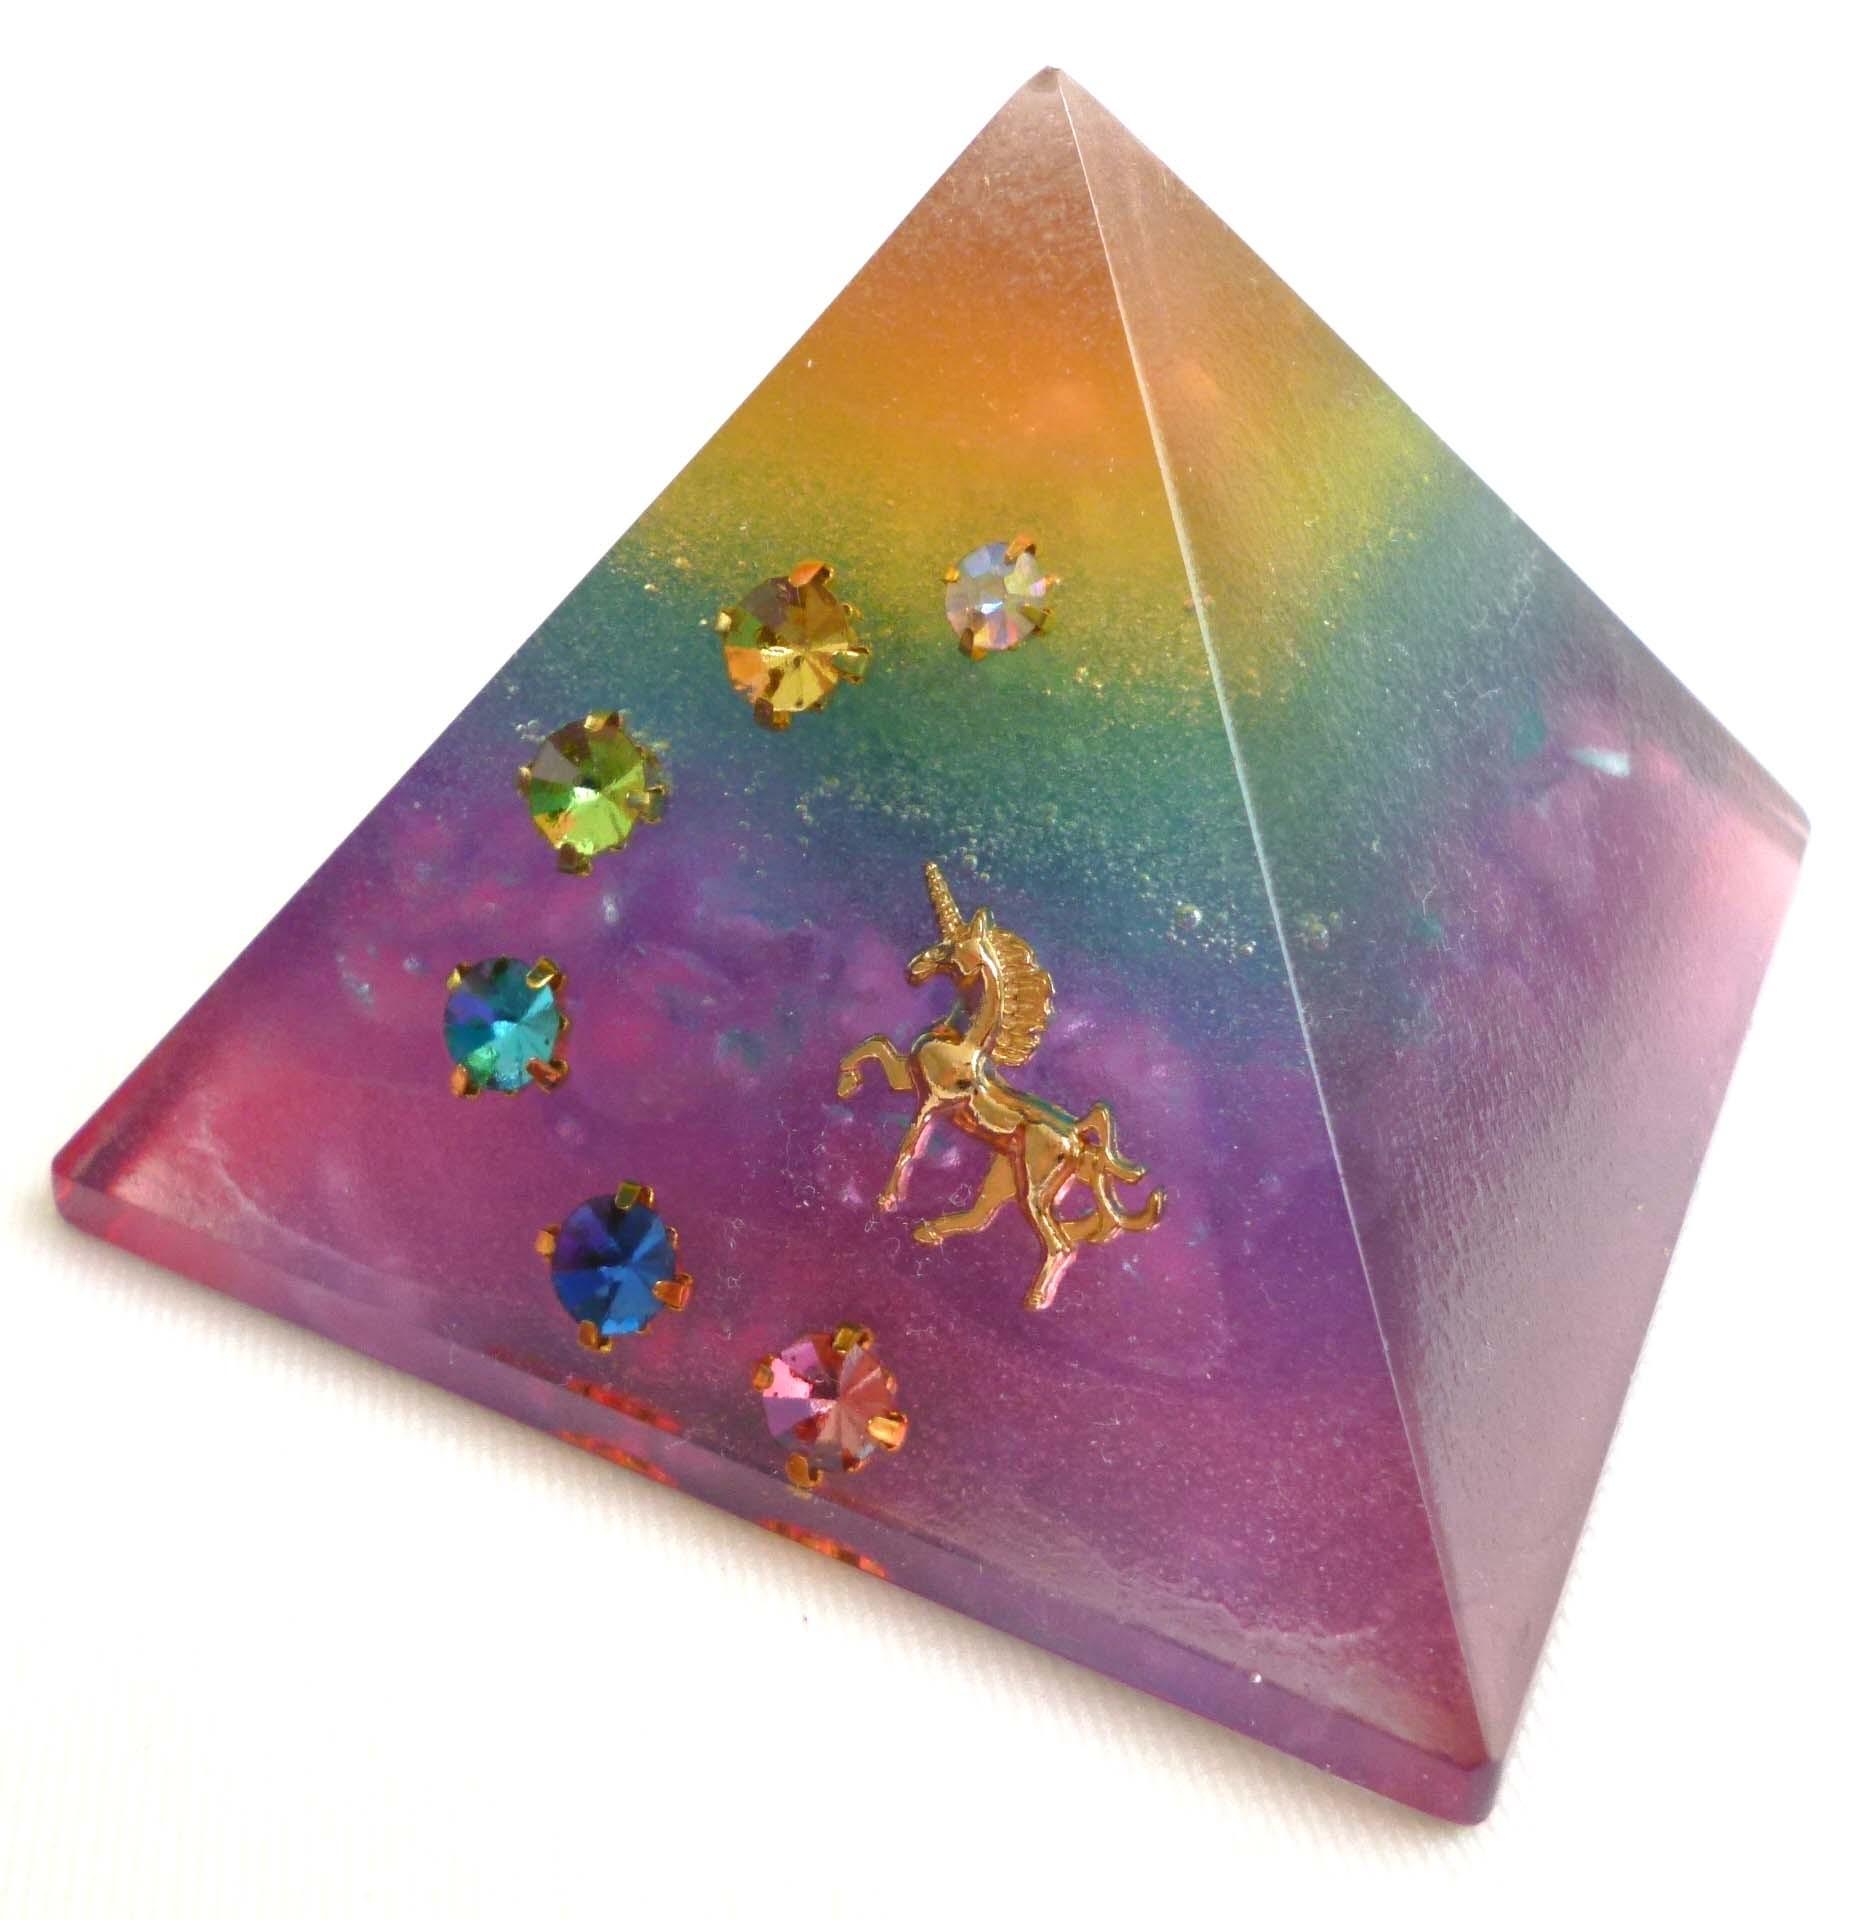 レインボーミスト ピラミッド型オルゴナイト